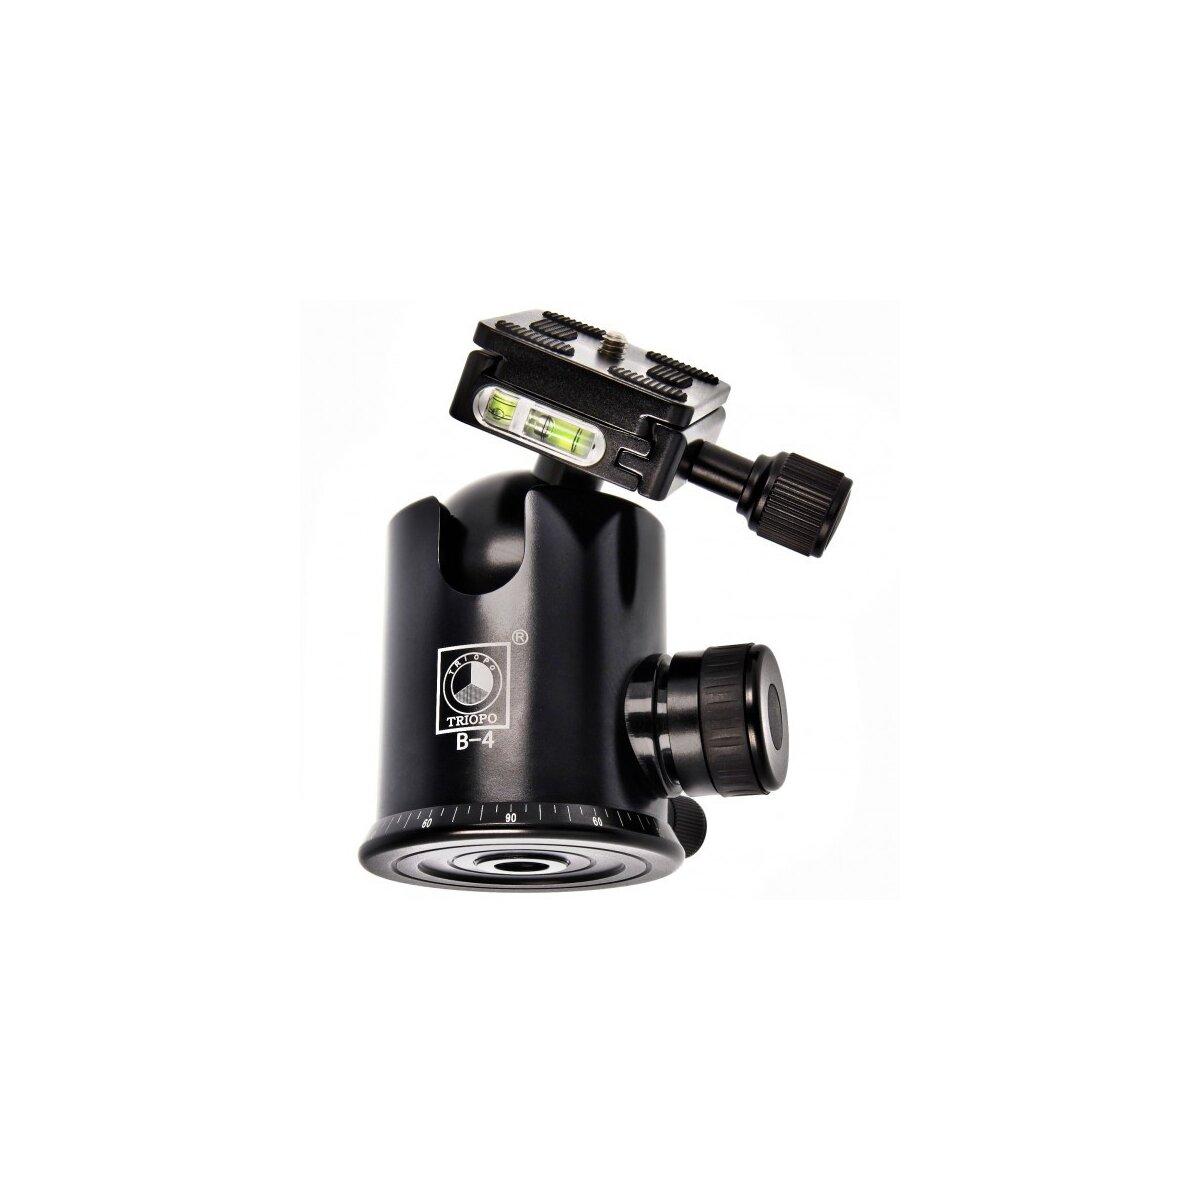 TRIOPO Friktions Kugelkopf B-4 fuer schwere DSLR / Mittelformat Kameras inkl. Adaptergewinde 1/4 zu 3/8